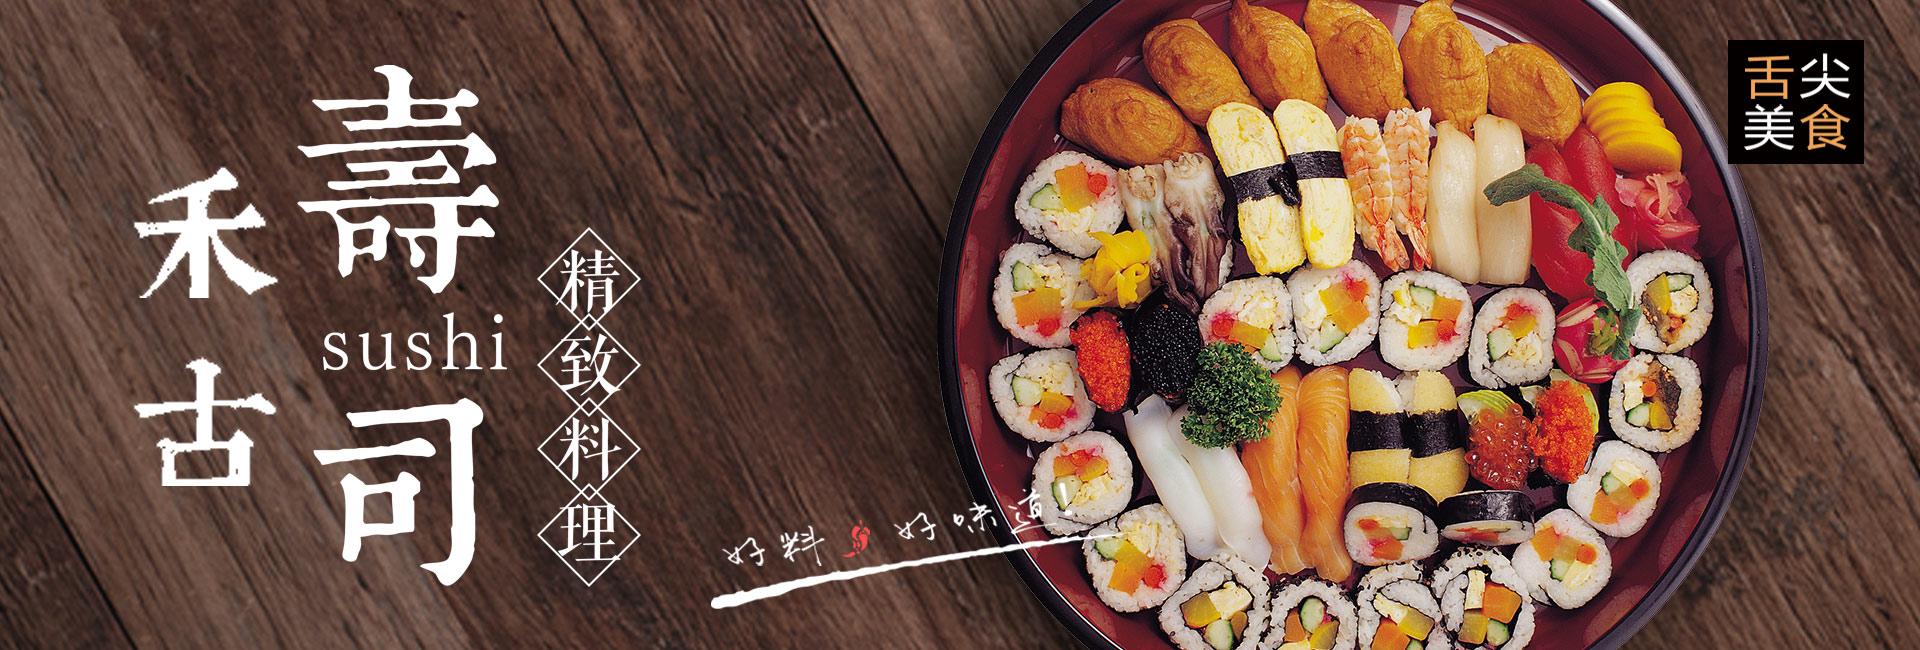 全国寿司加盟